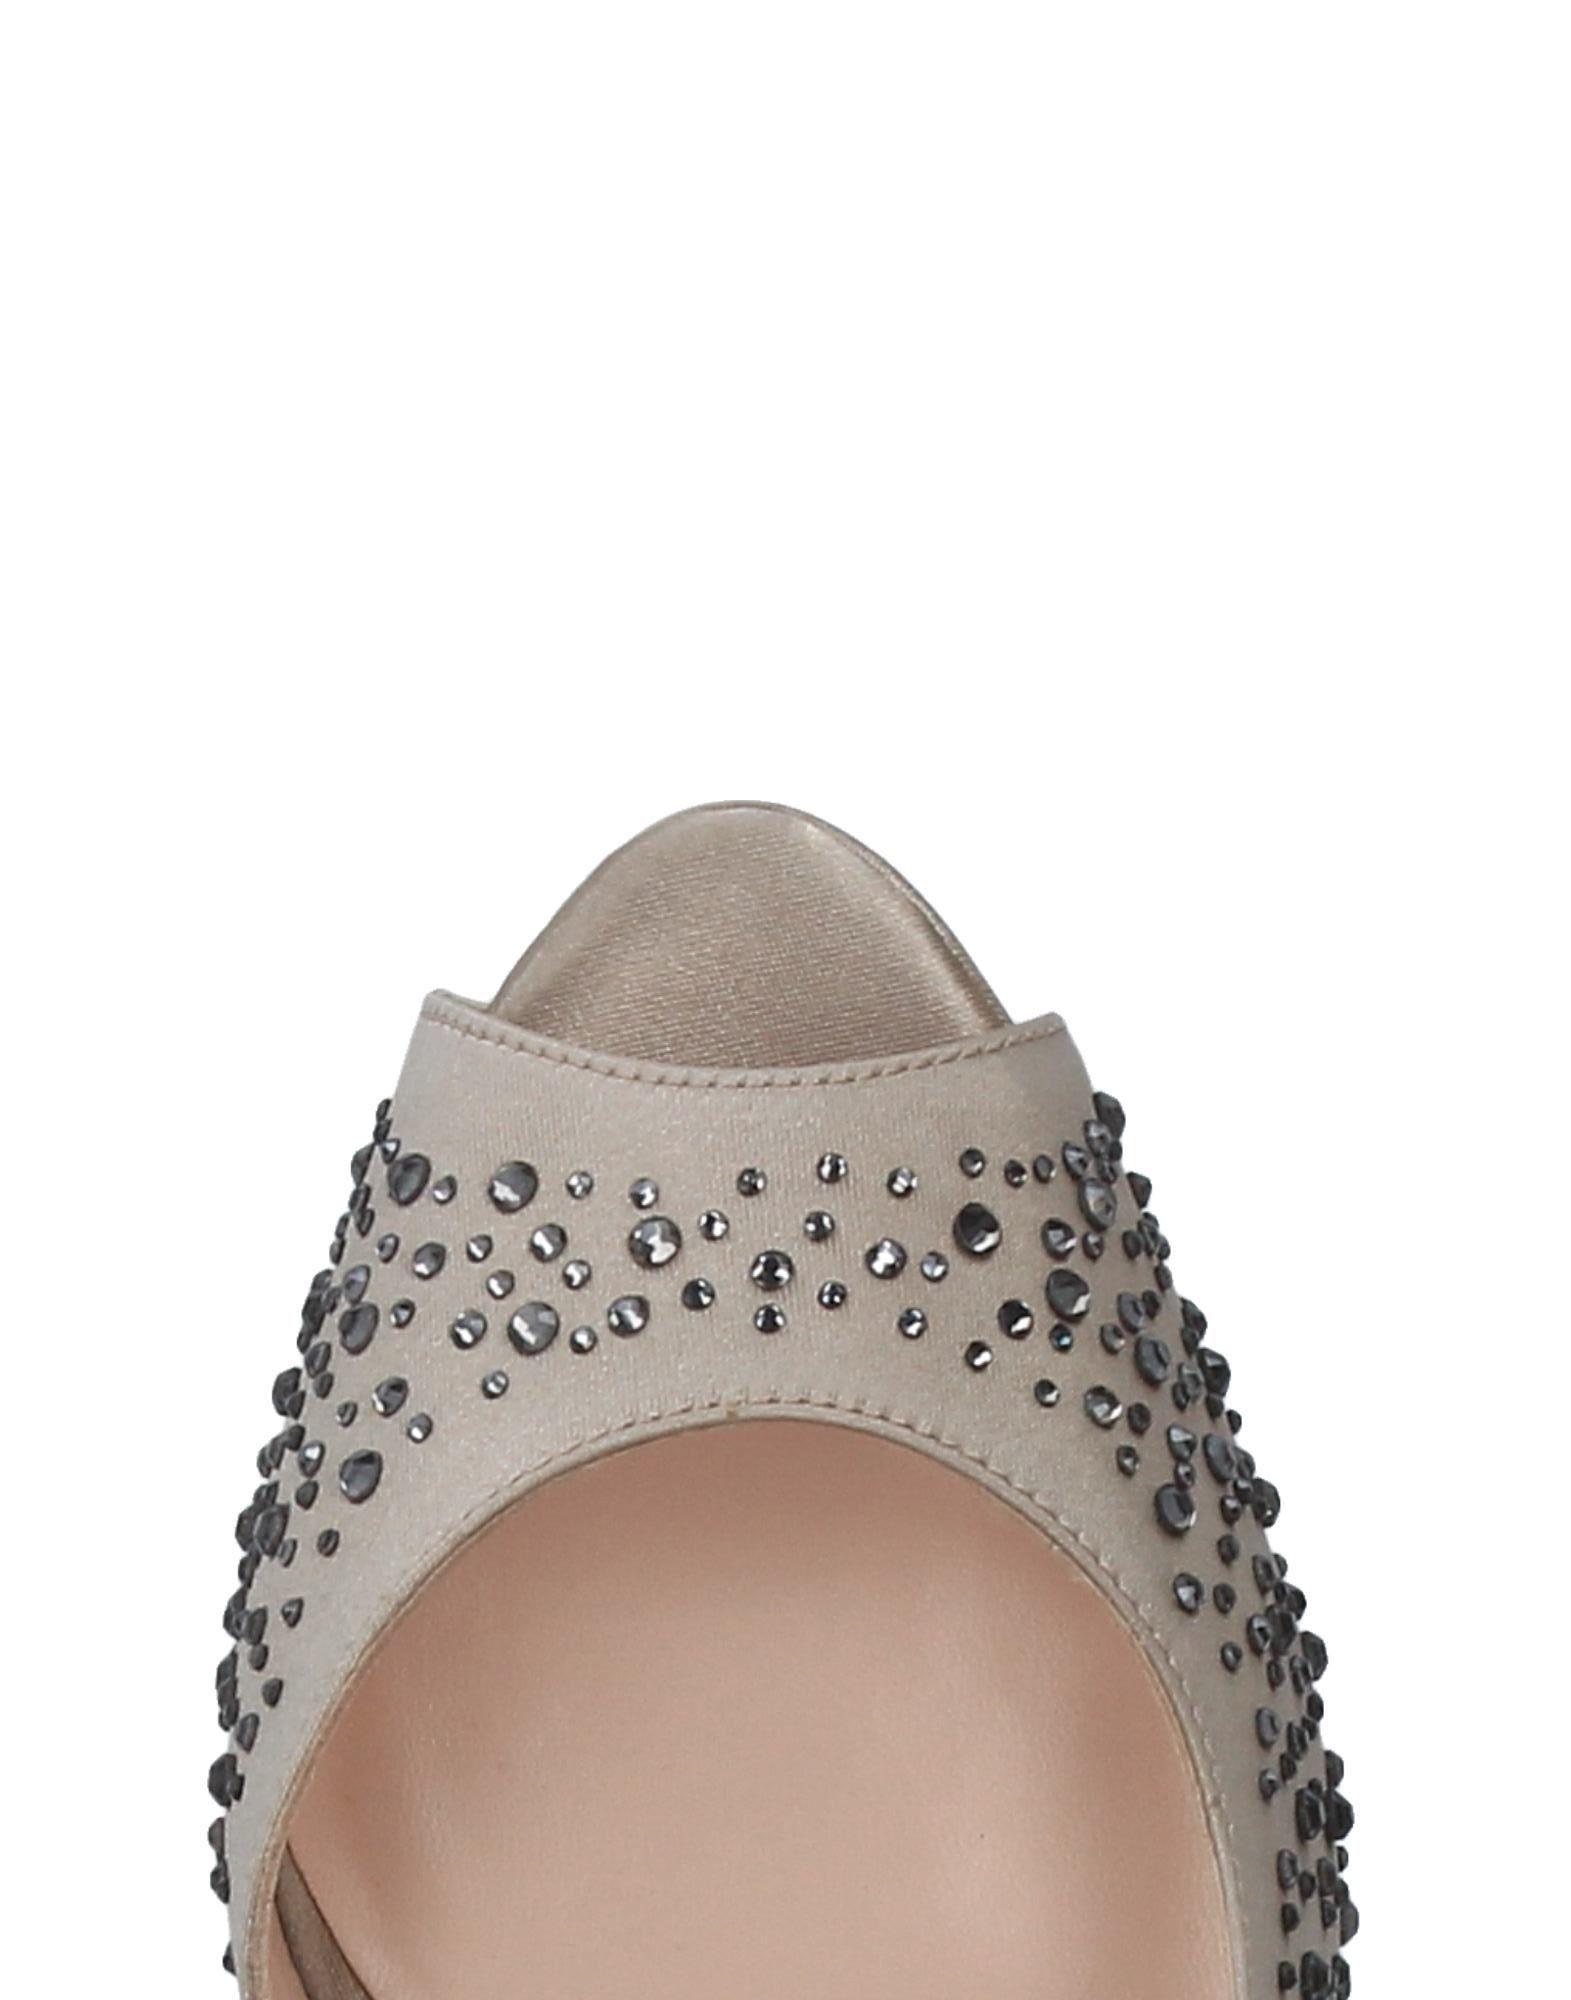 Liu •Jo Shoes Pumps Pumps Shoes Damen  11272799BV Gute Qualität beliebte Schuhe 77c84f